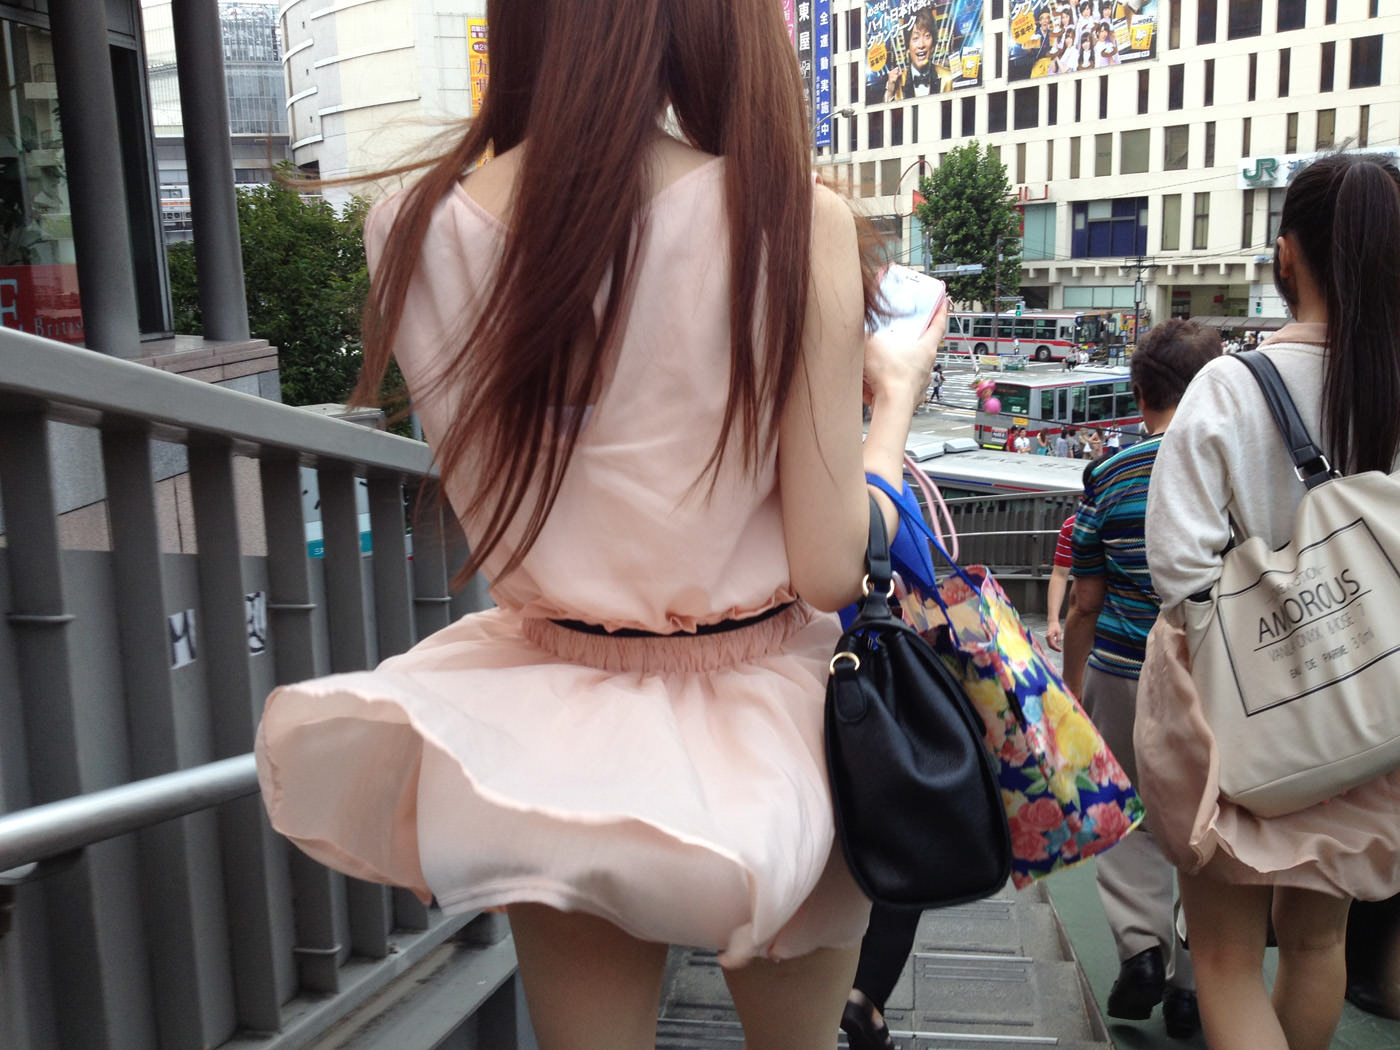 【パンチラ】風のいたずらでスカートがひらり 素人の風チラ画像